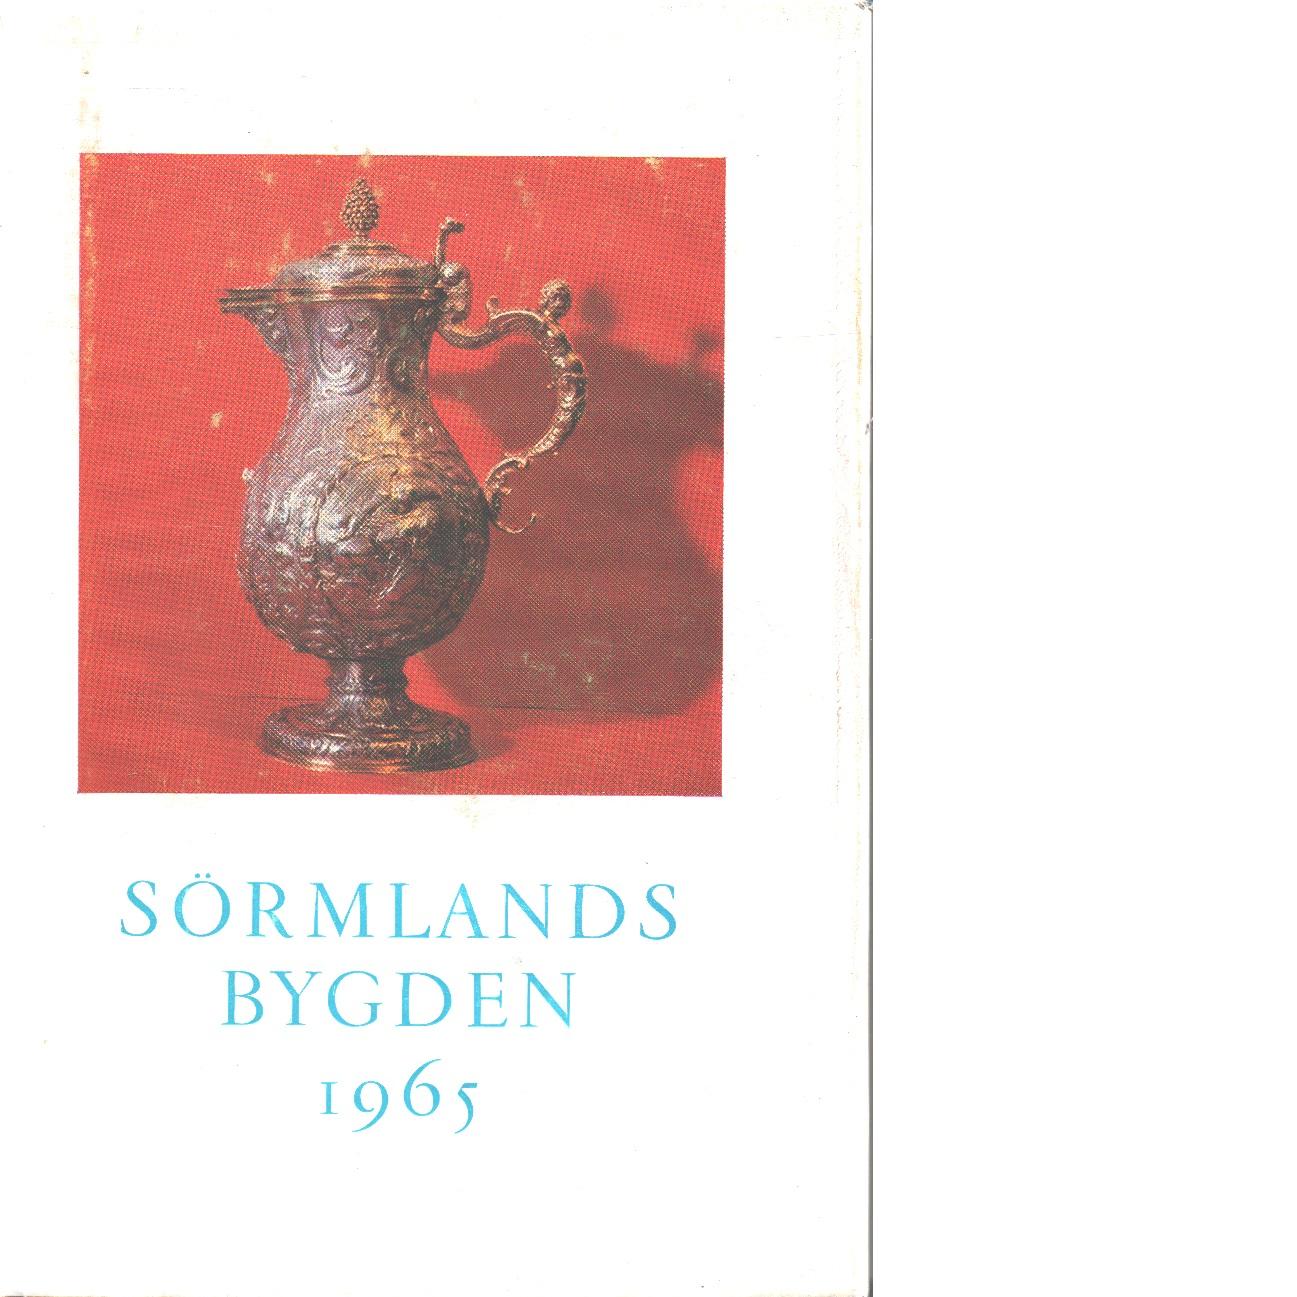 Sörmlandsbygden 1965 - Södermanlands hembygdsförbund